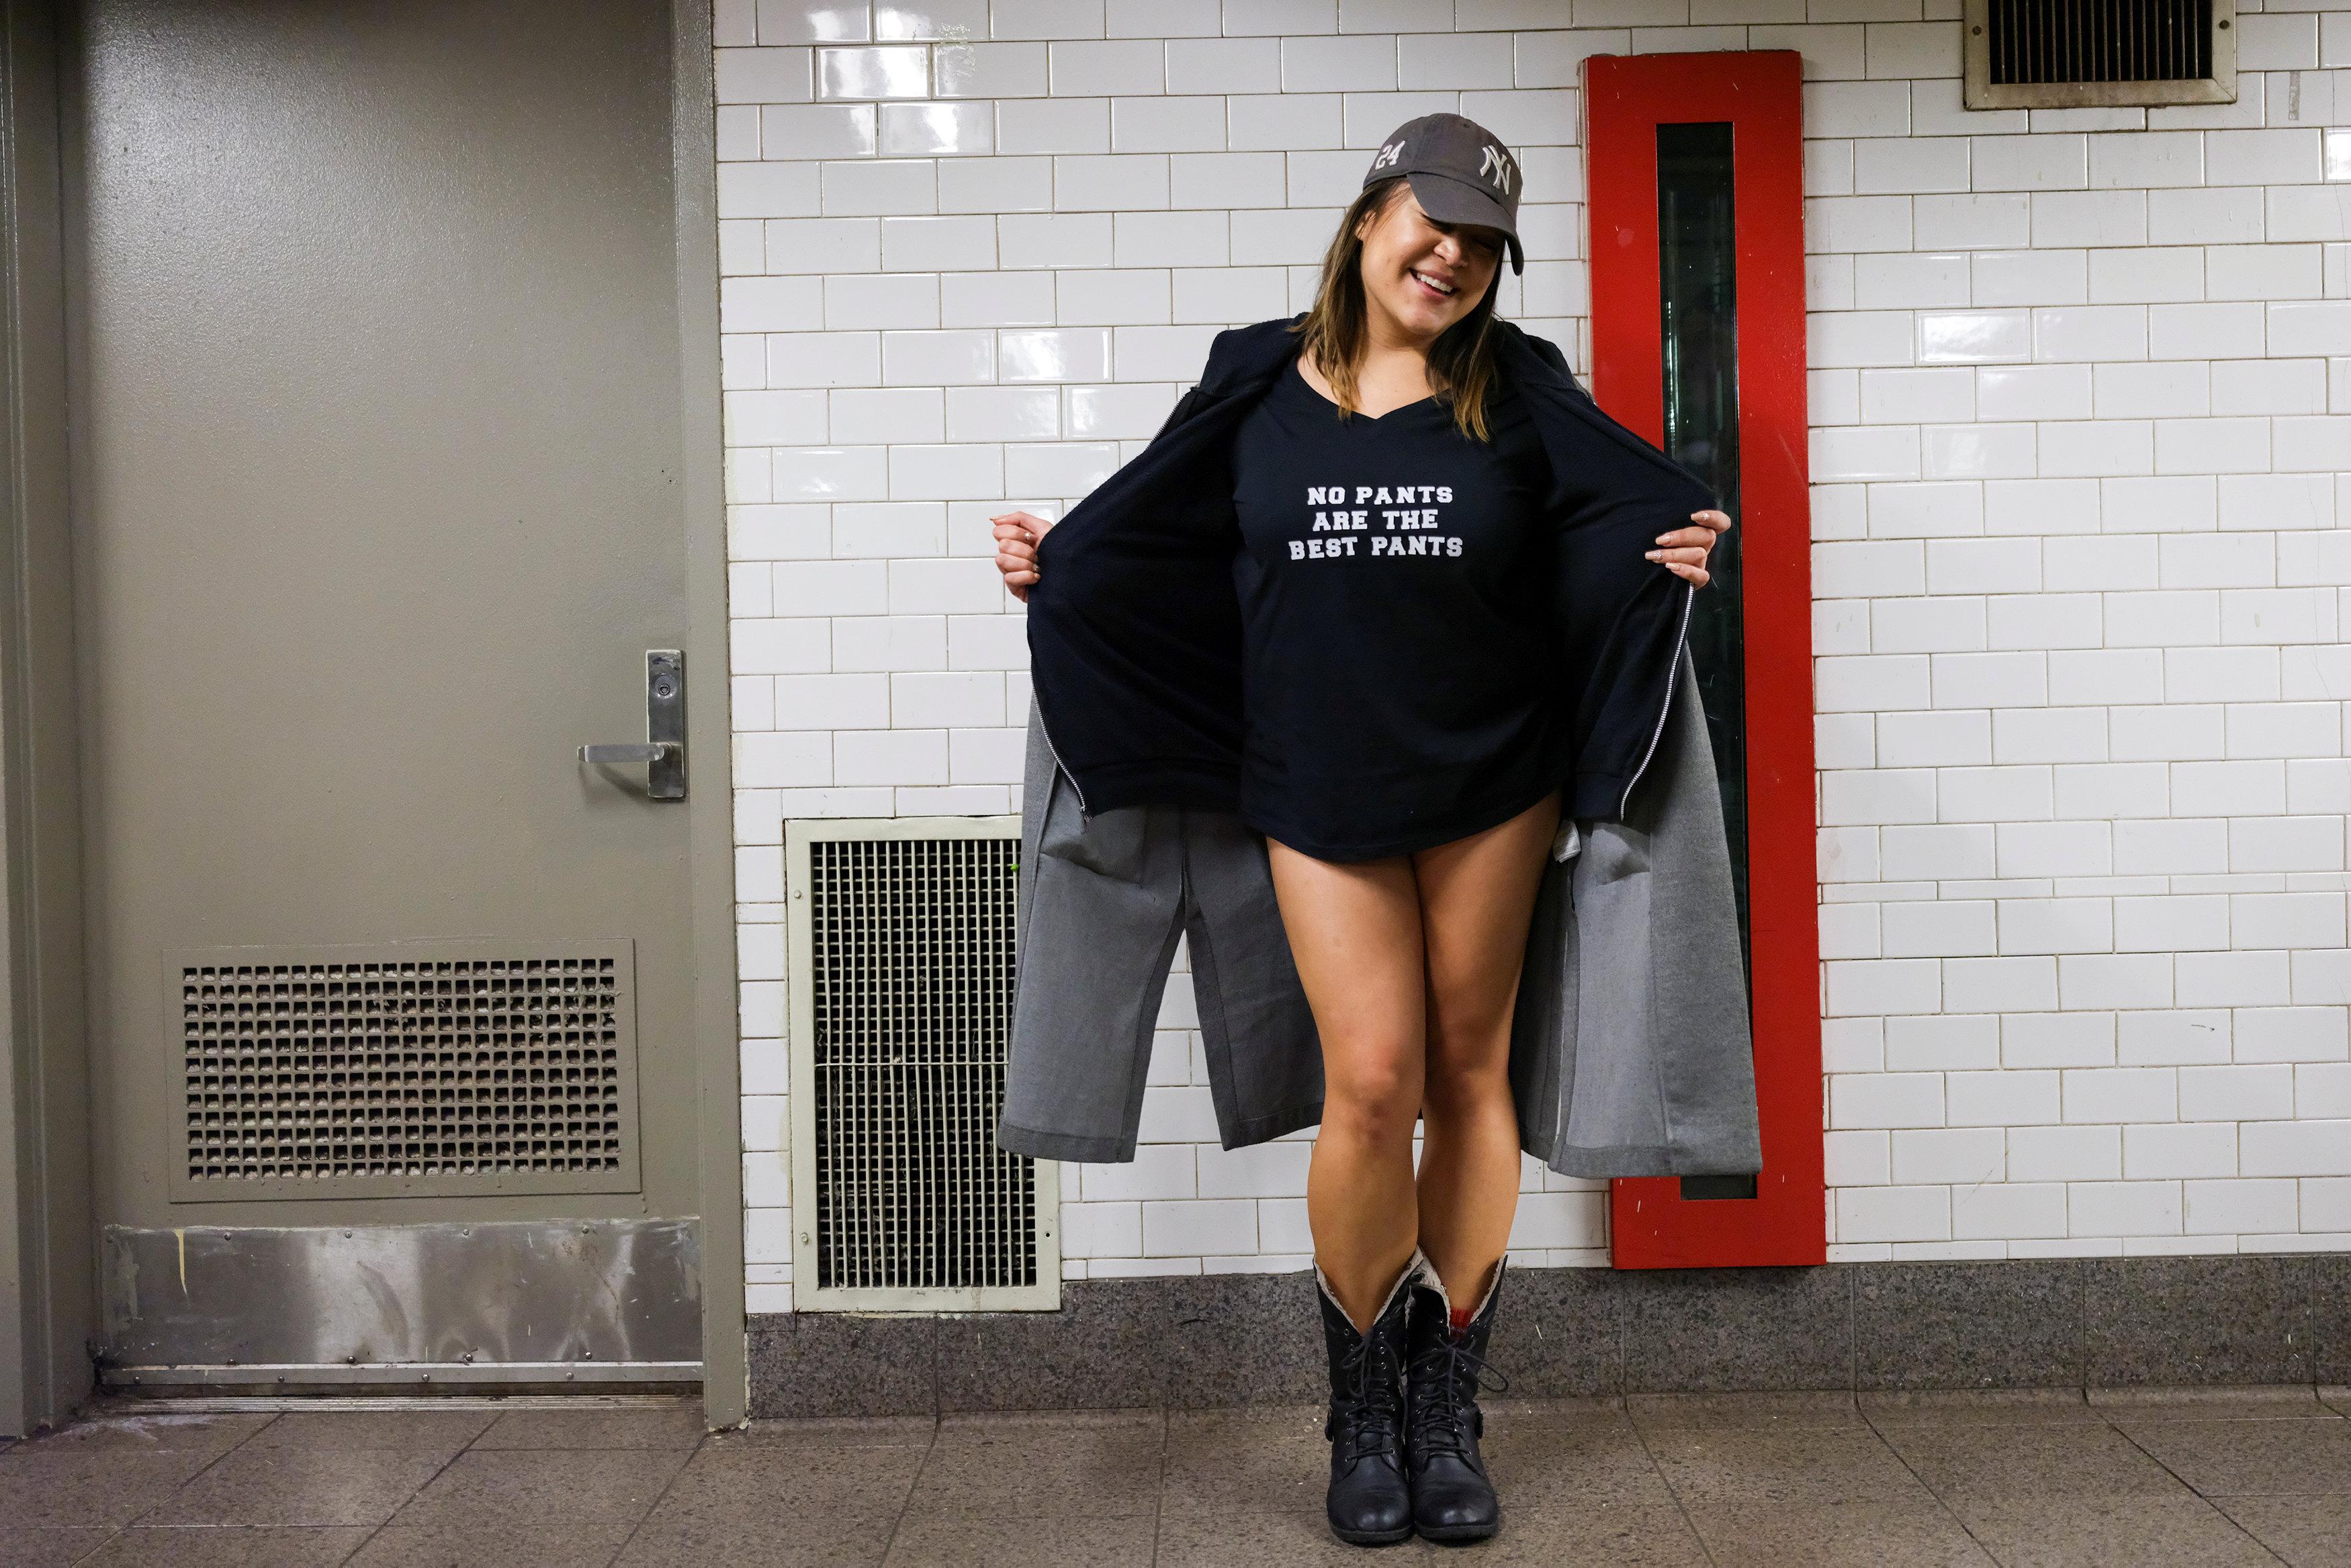 ركاب مترو نيويورك يحتفلون باليوم العالمى لخلع السروال رغم البرد (12)